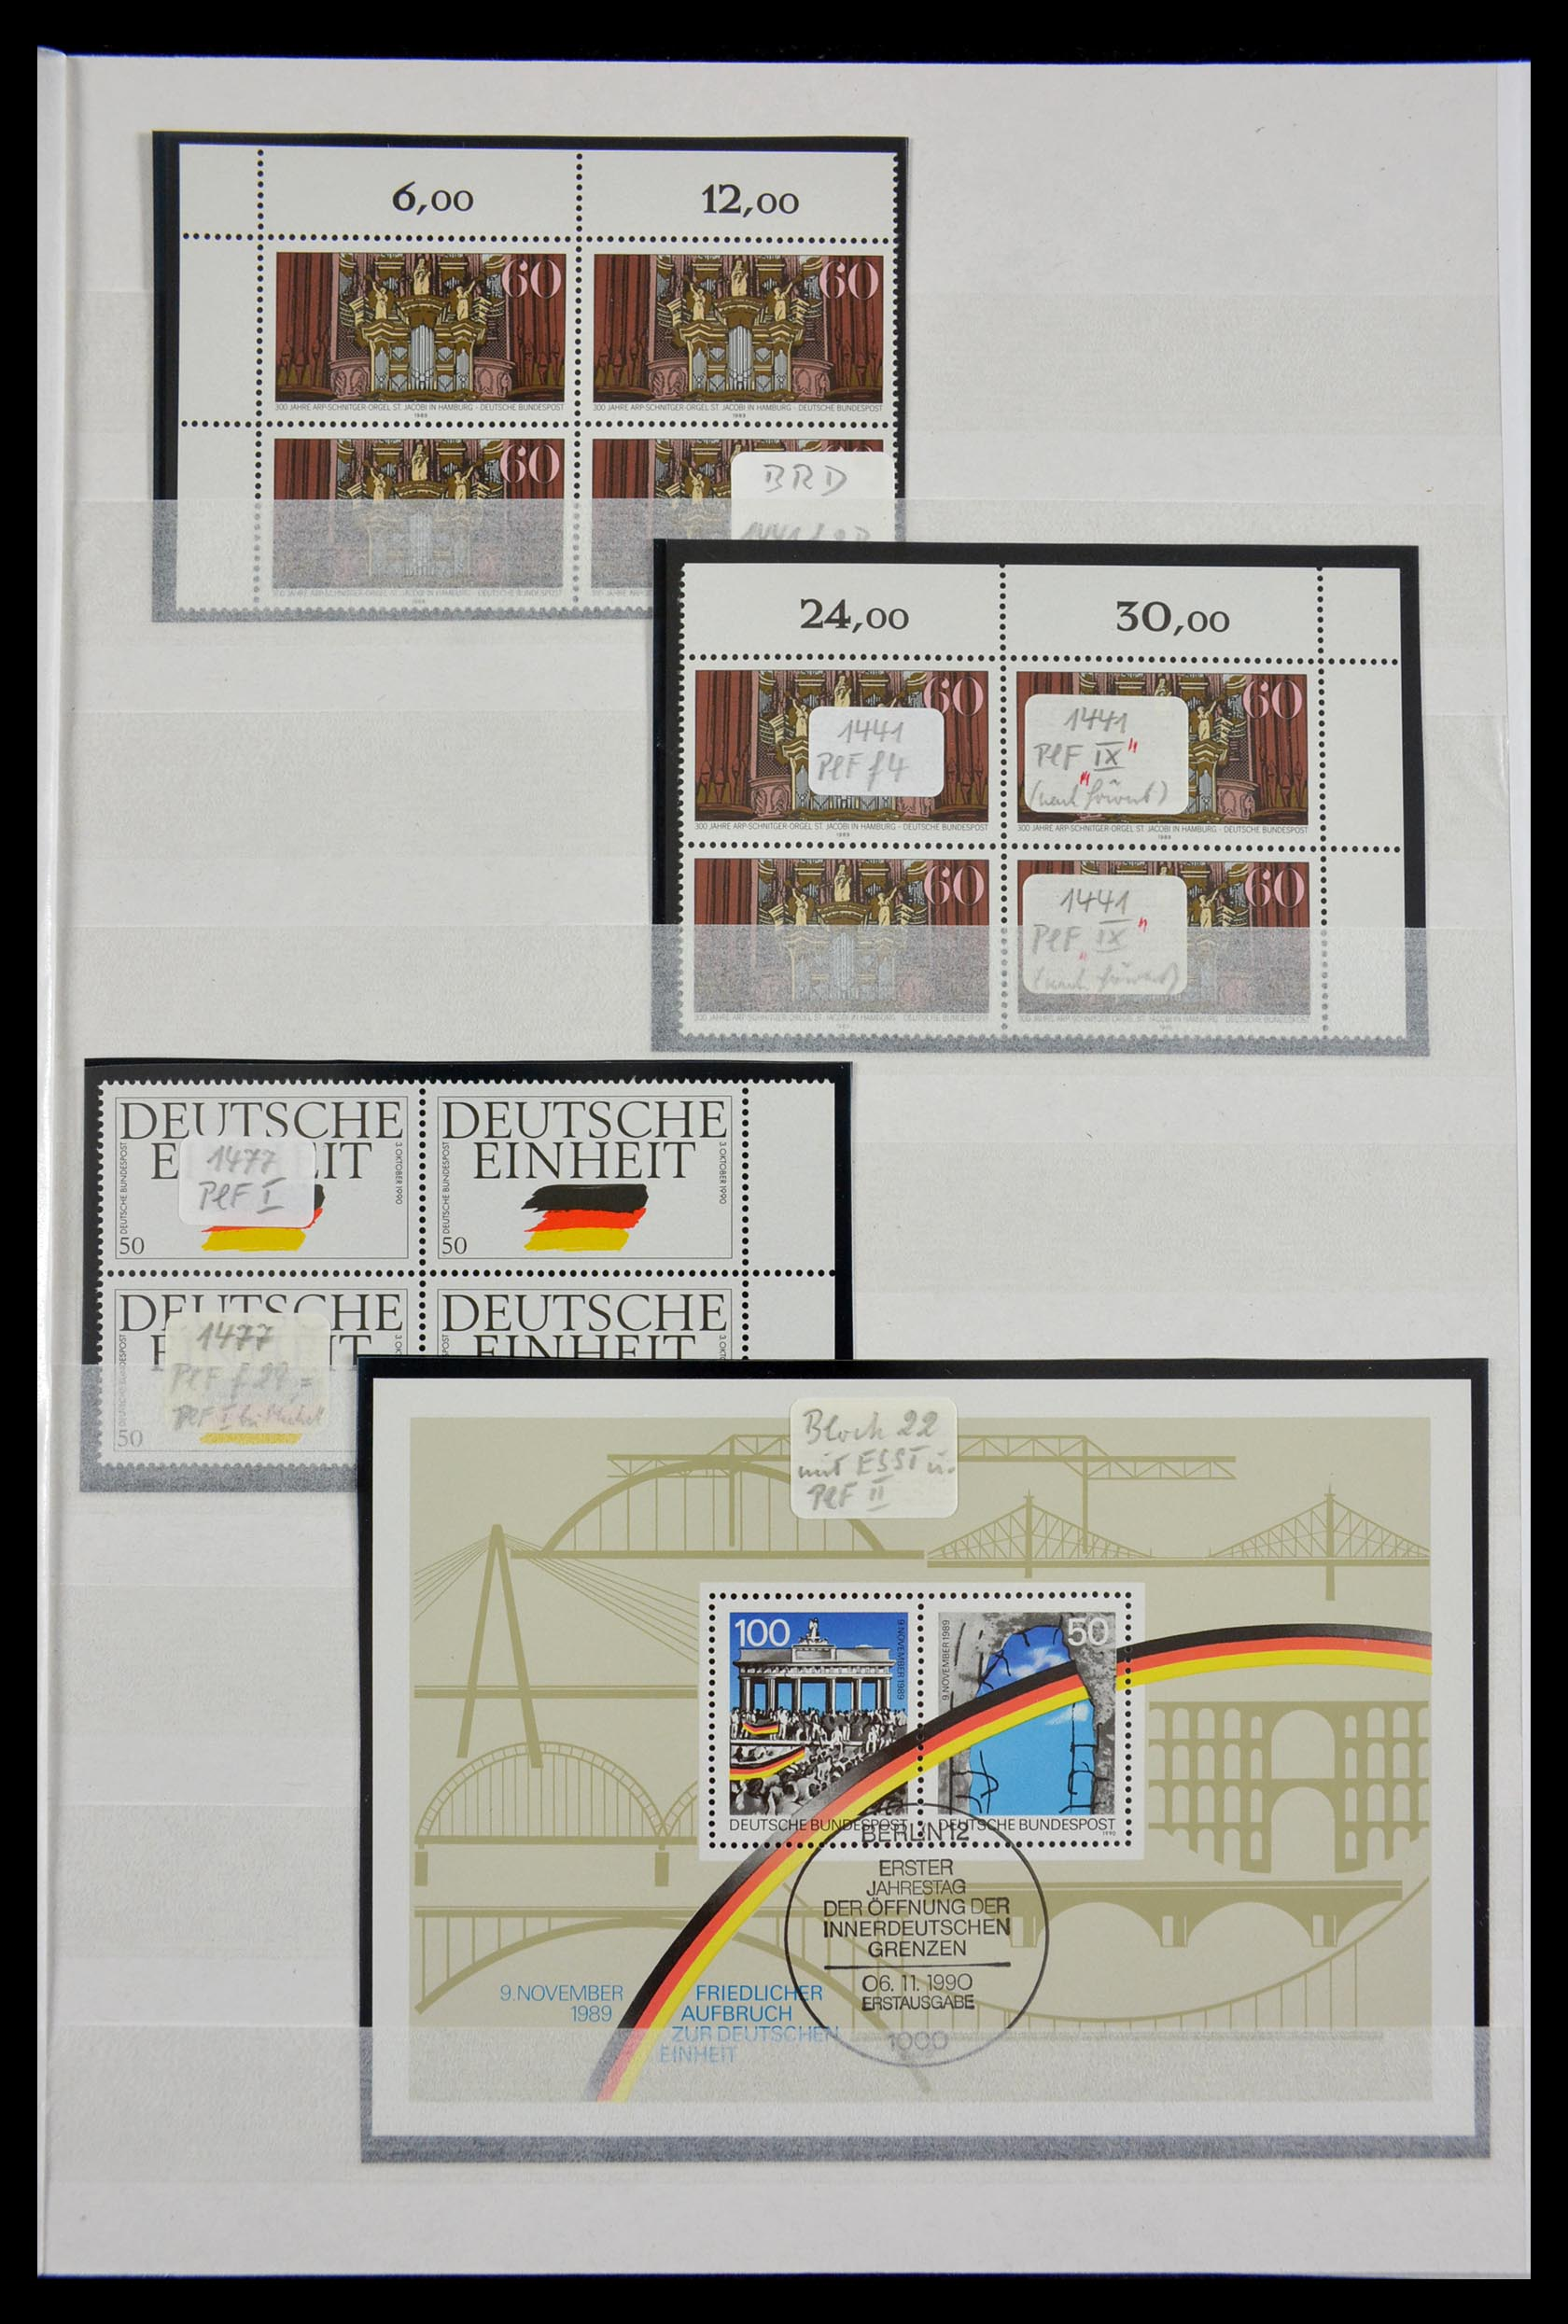 29491 015 - 29491 Bundespost plateflaws 1957-1994.